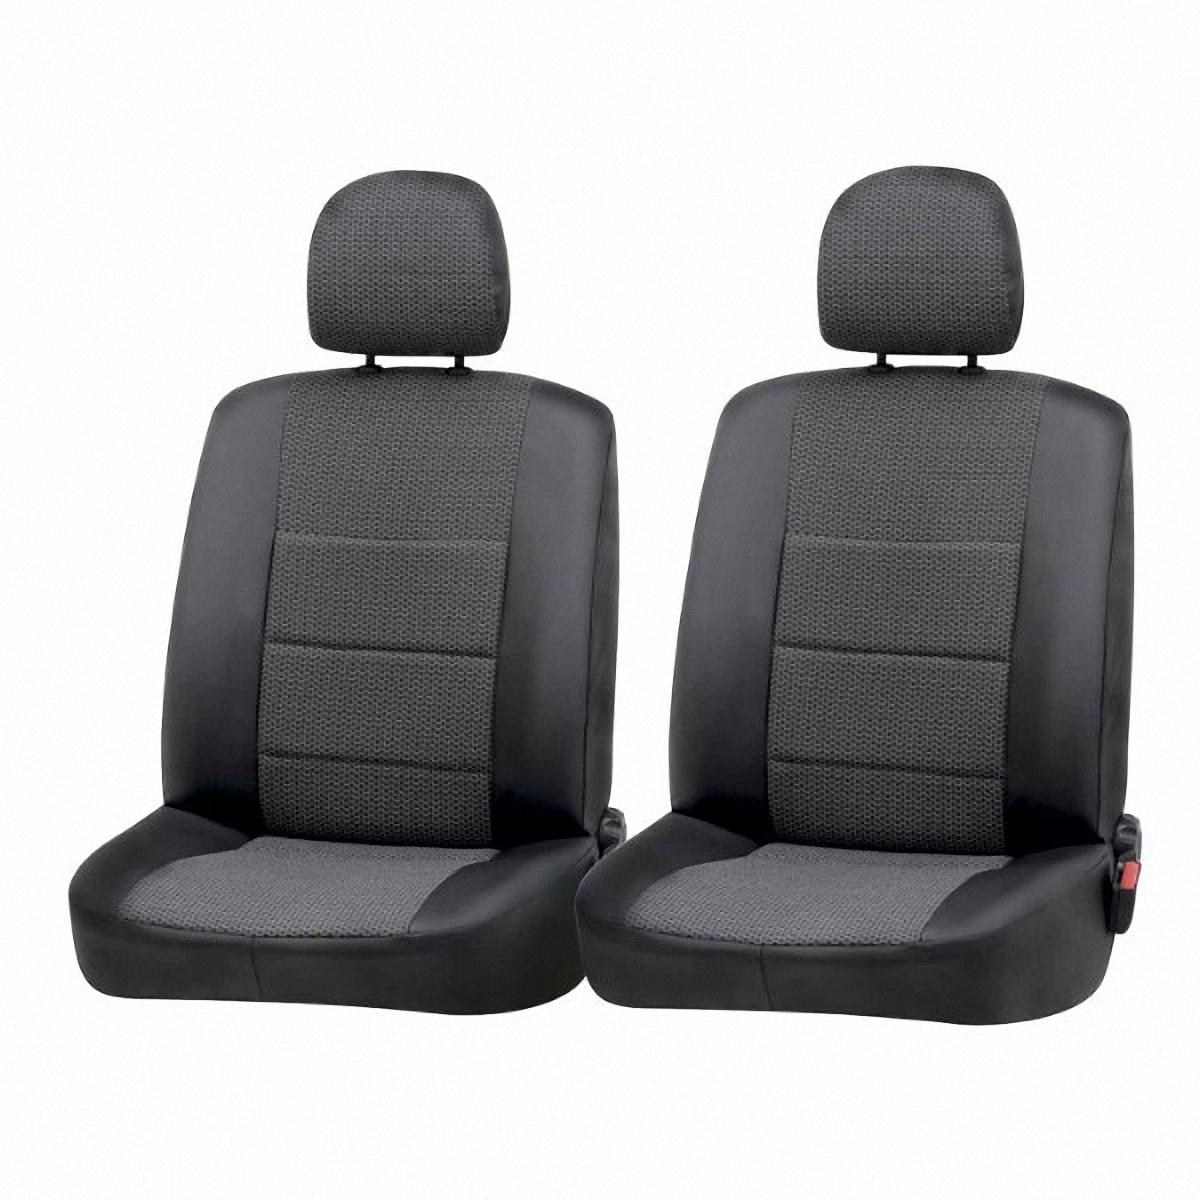 Чехлы автомобильные Skyway, для УАЗ Patriot 2005-2014. U1-2KВетерок 2ГФАвтомобильные чехлы Skyway изготовлены из качественного жаккарда и экокожи. Чехлы идеально повторяют штатную форму сидений и выглядят как оригинальная обивка сидений. Разработаны индивидуально для каждой модели автомобиля. Авточехлы Skyway просты в уходе - загрязнения легко удаляются влажной тканью. Чехлы имеют раздельную схему надевания. В комплекте 12 предметов.